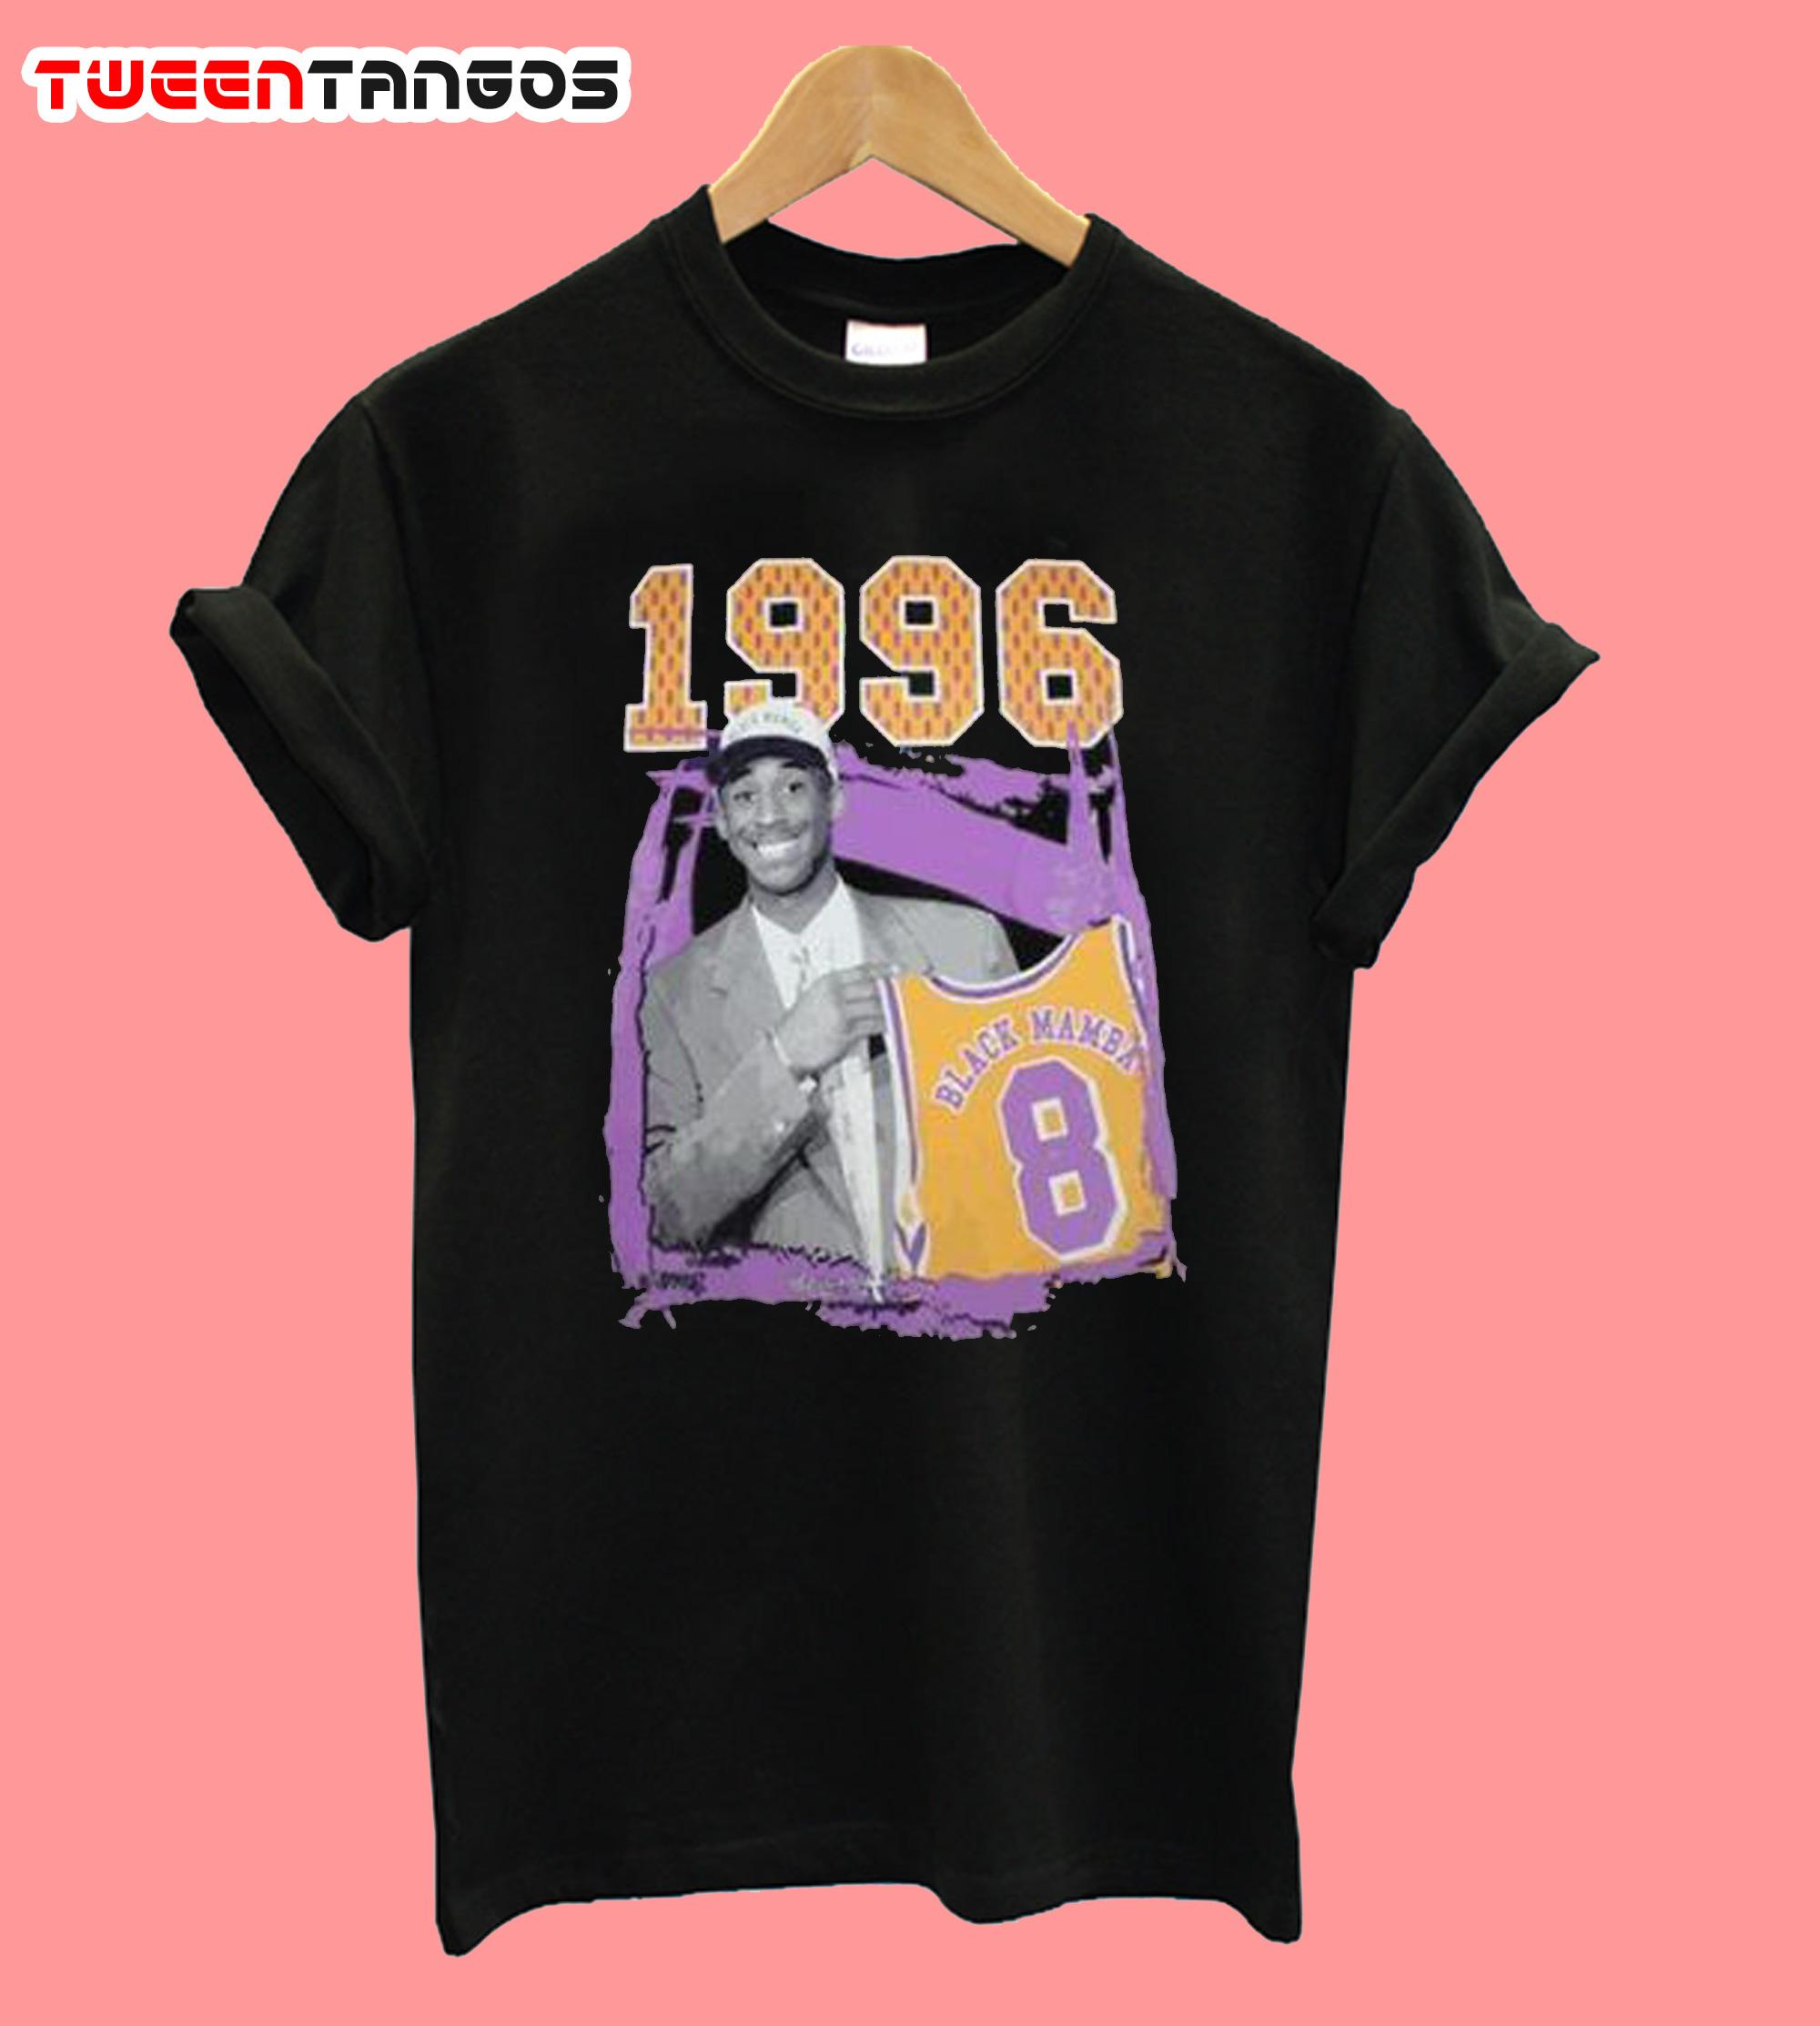 1996 Kobe Bryant T-Shirt